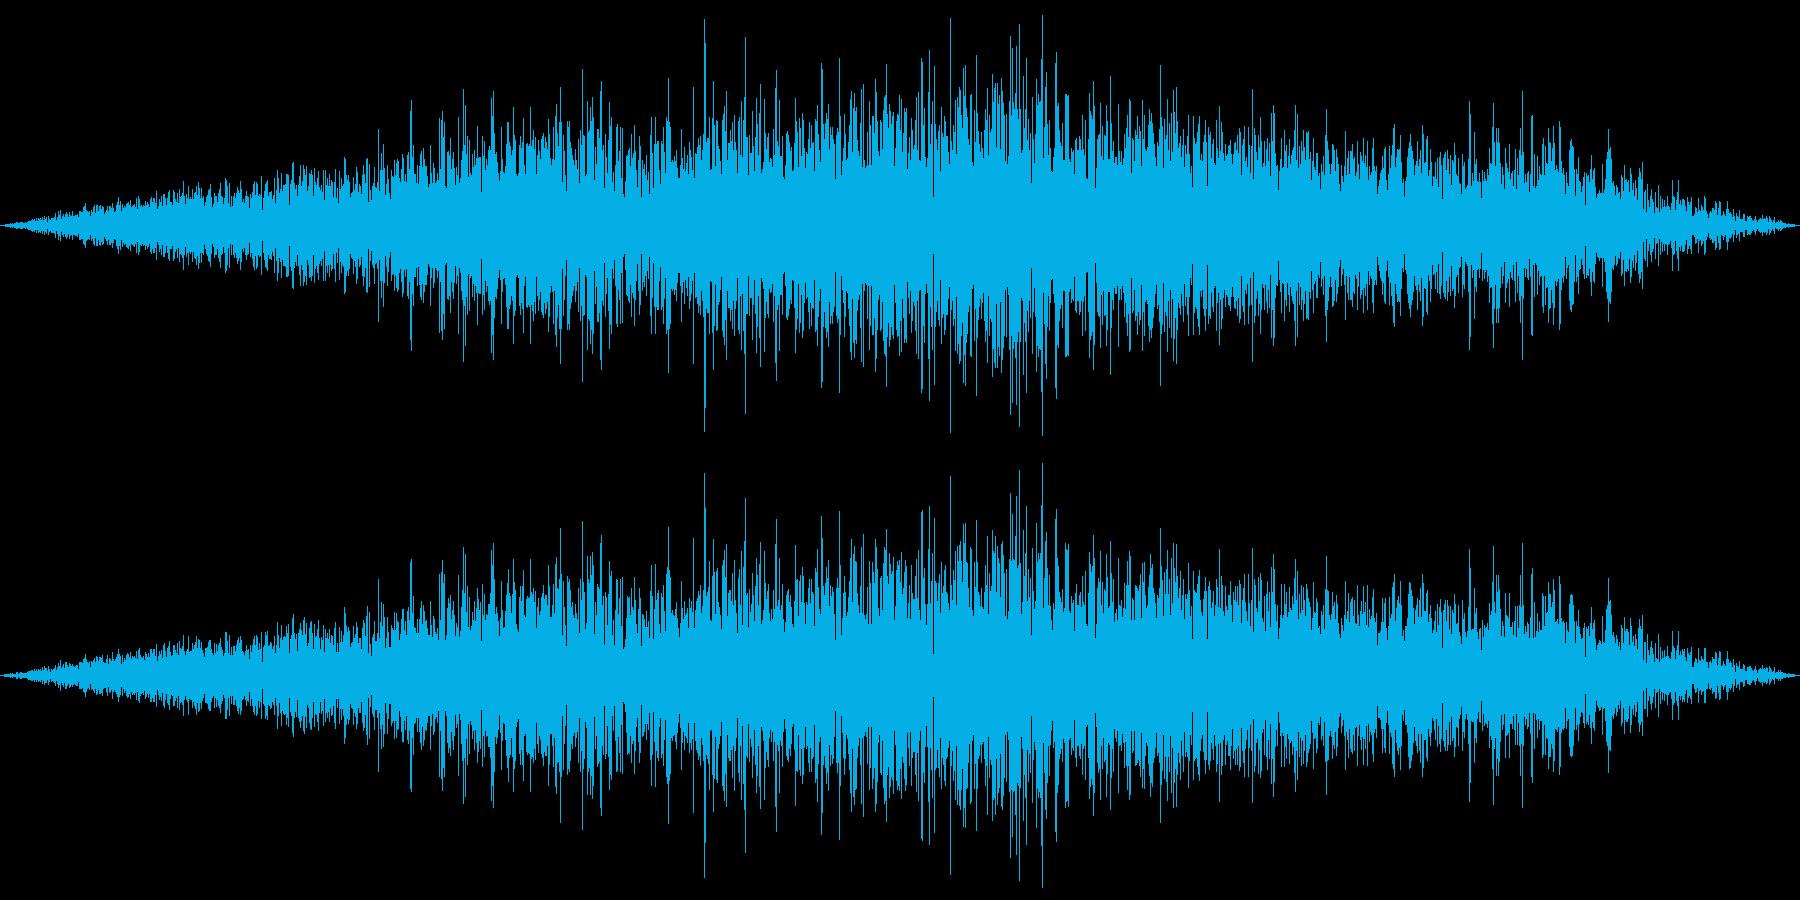 飛行機上空通過(上空1km)の再生済みの波形